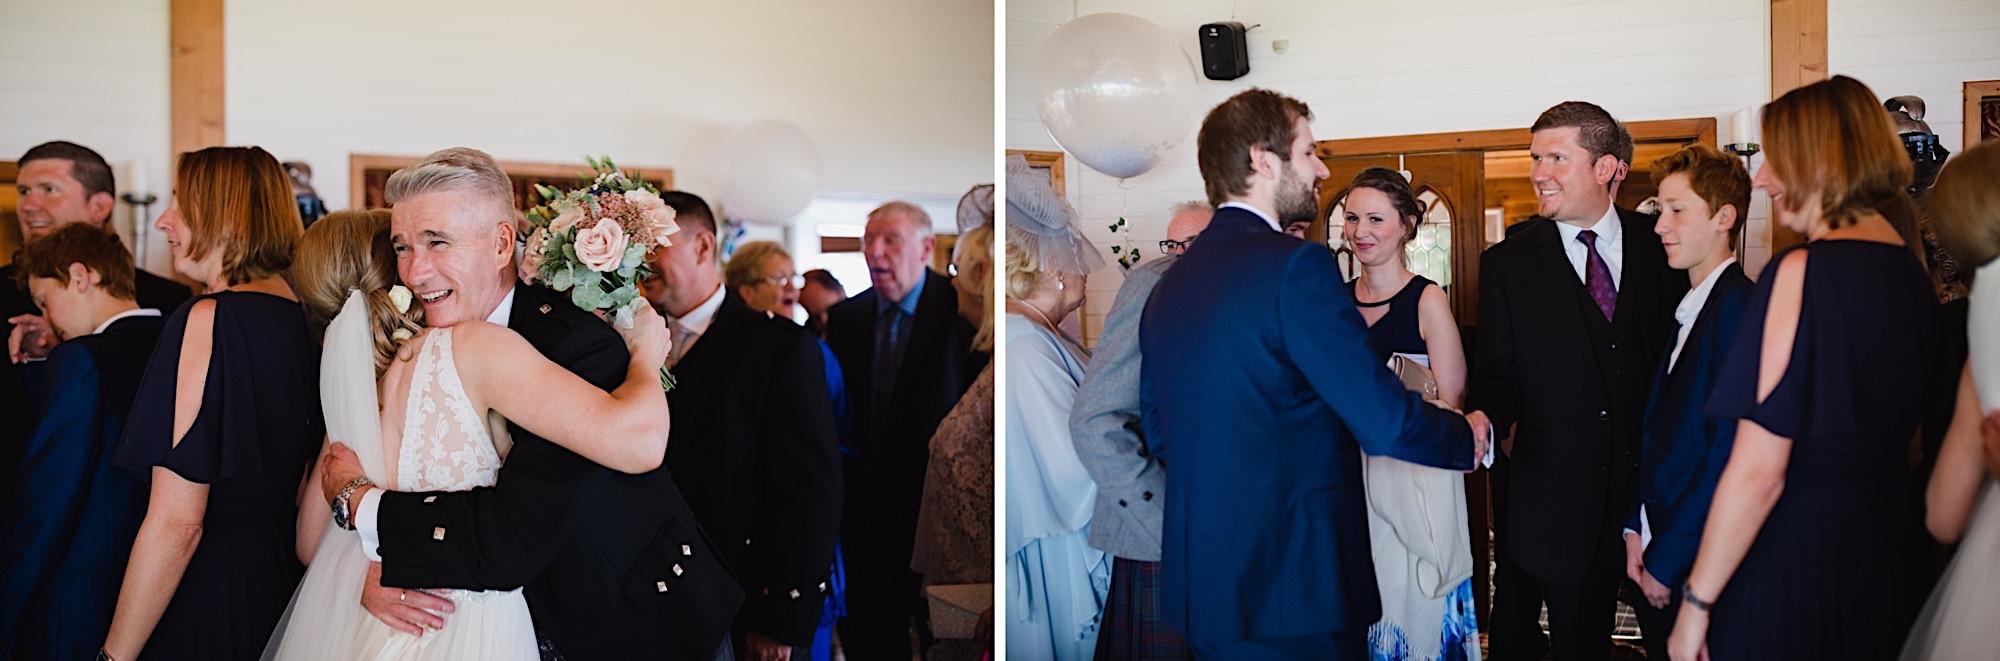 guests congratulation bride and groom